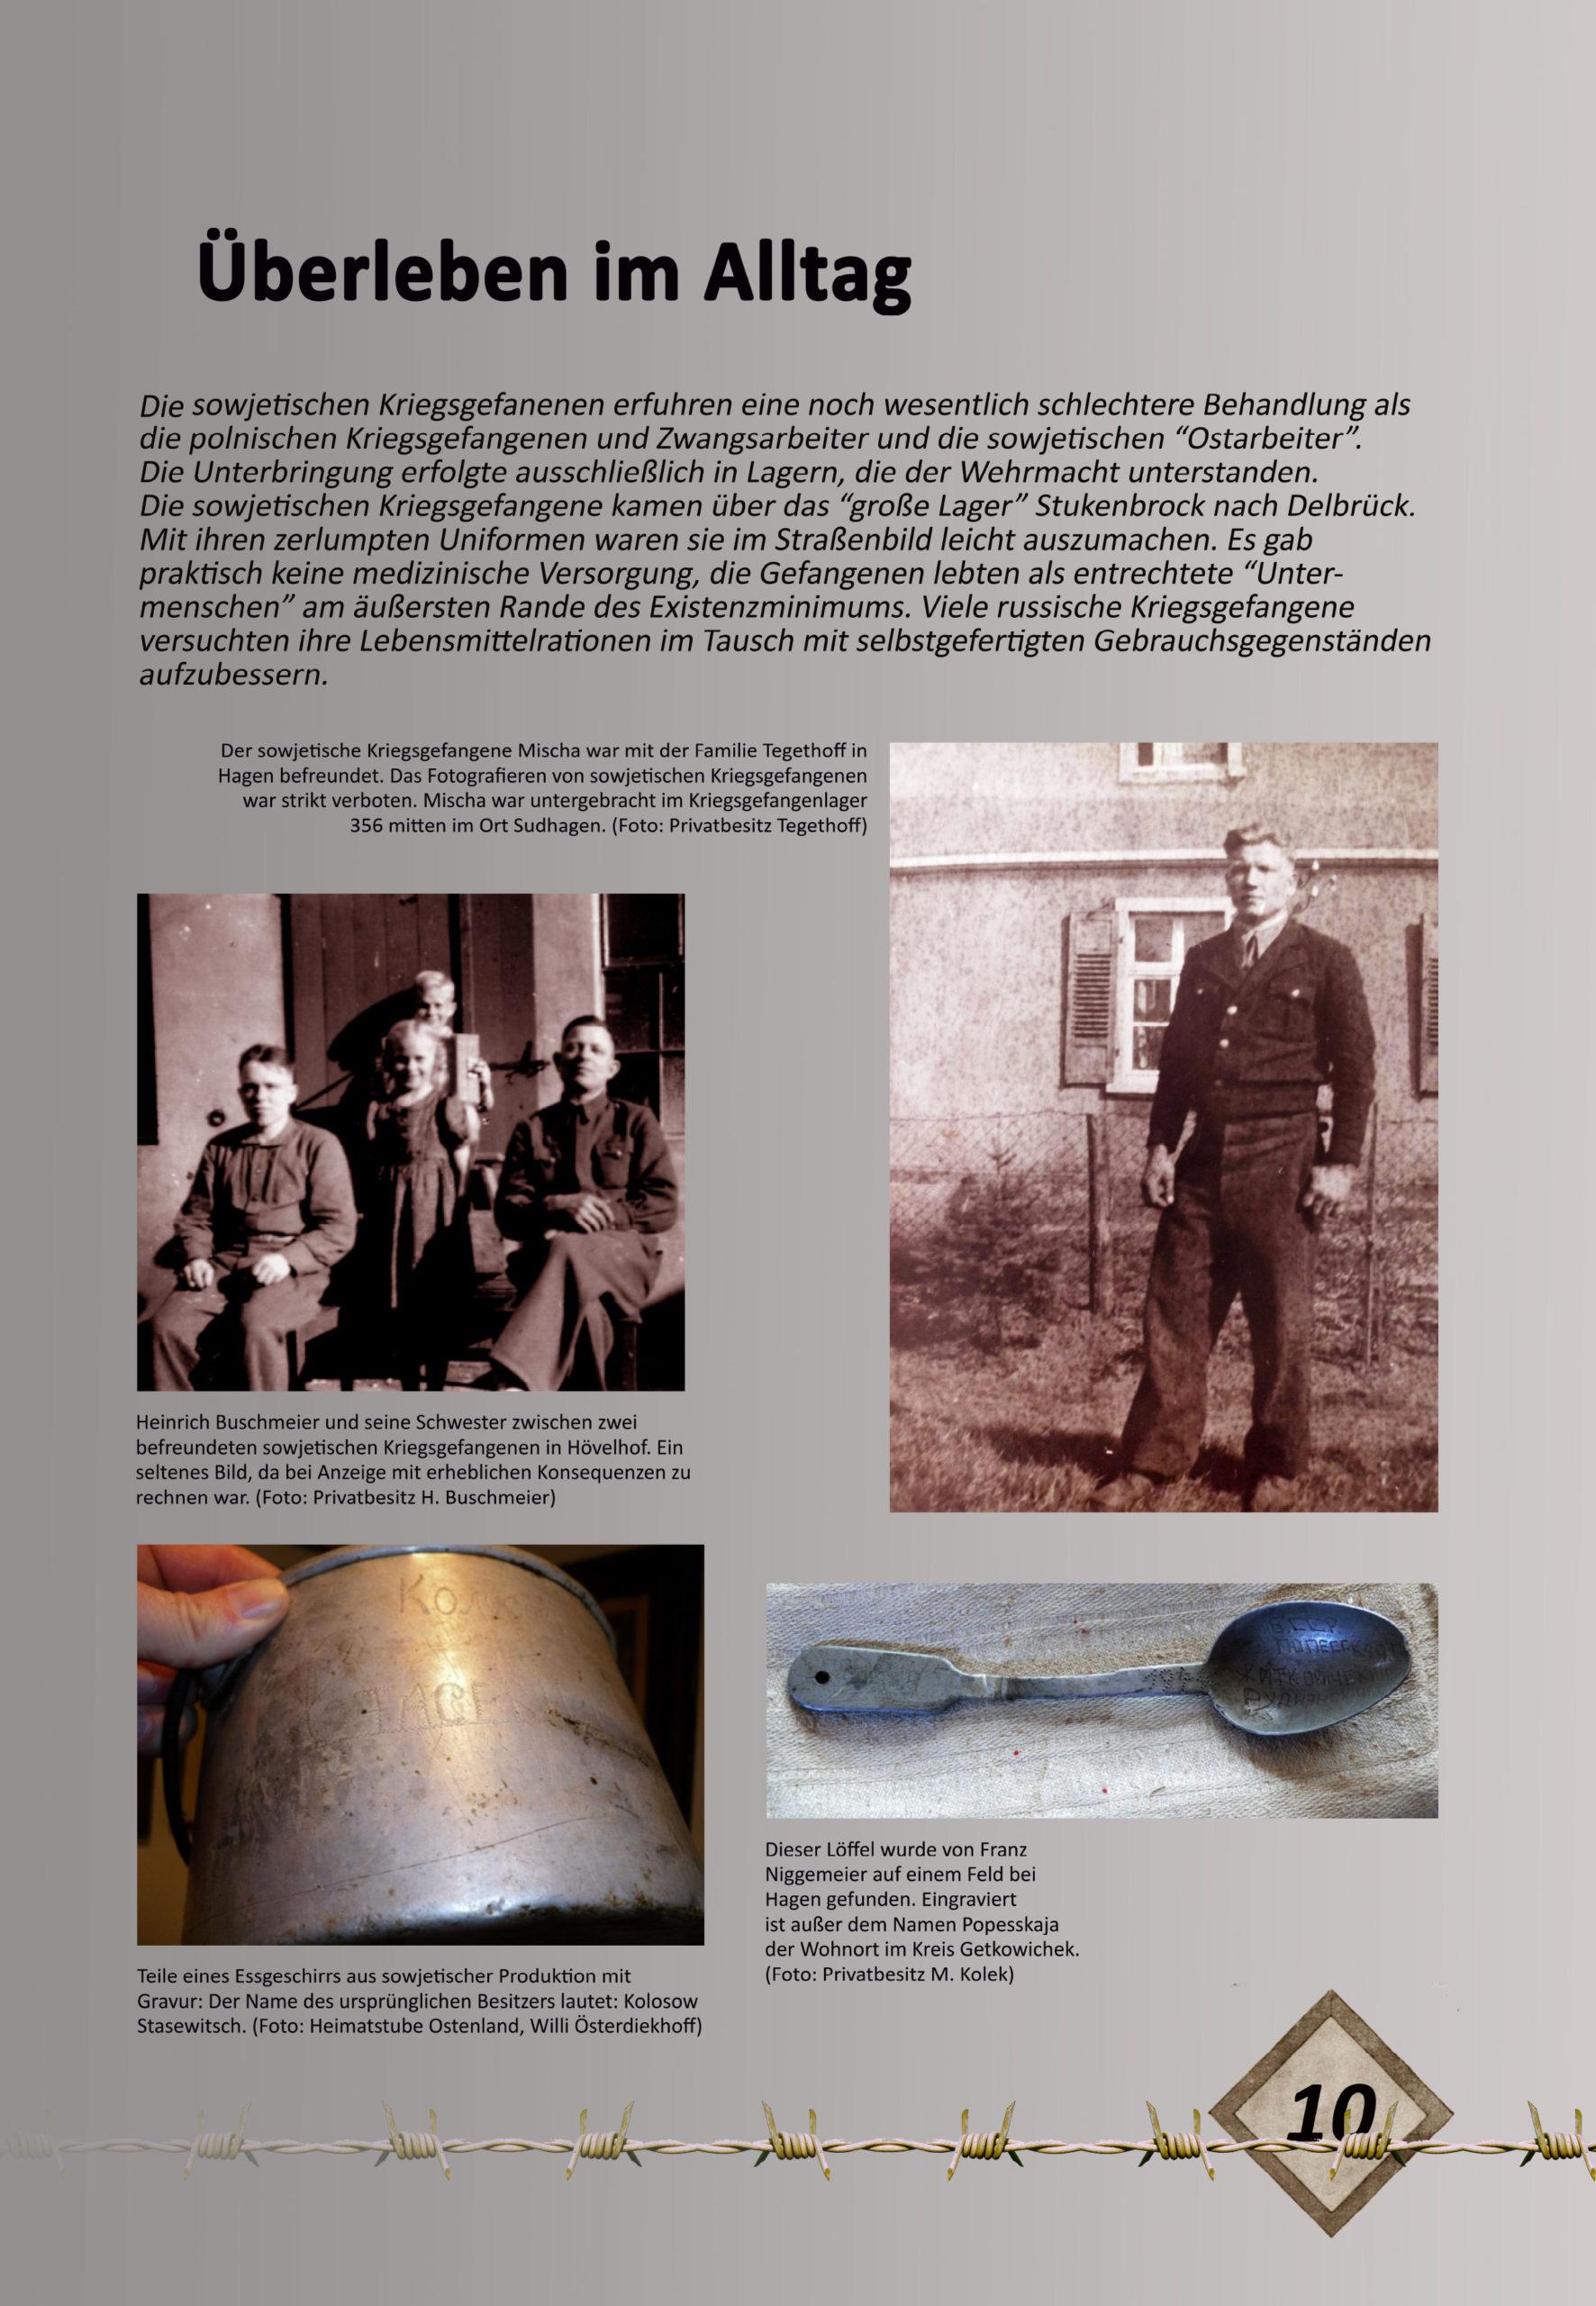 """Digitale Ausstellung """"Unter_Menschen"""" anlässlich des 75. Jahrestages der Befreiung der Kriegsgefangenen – Ausstellungstafel 10"""